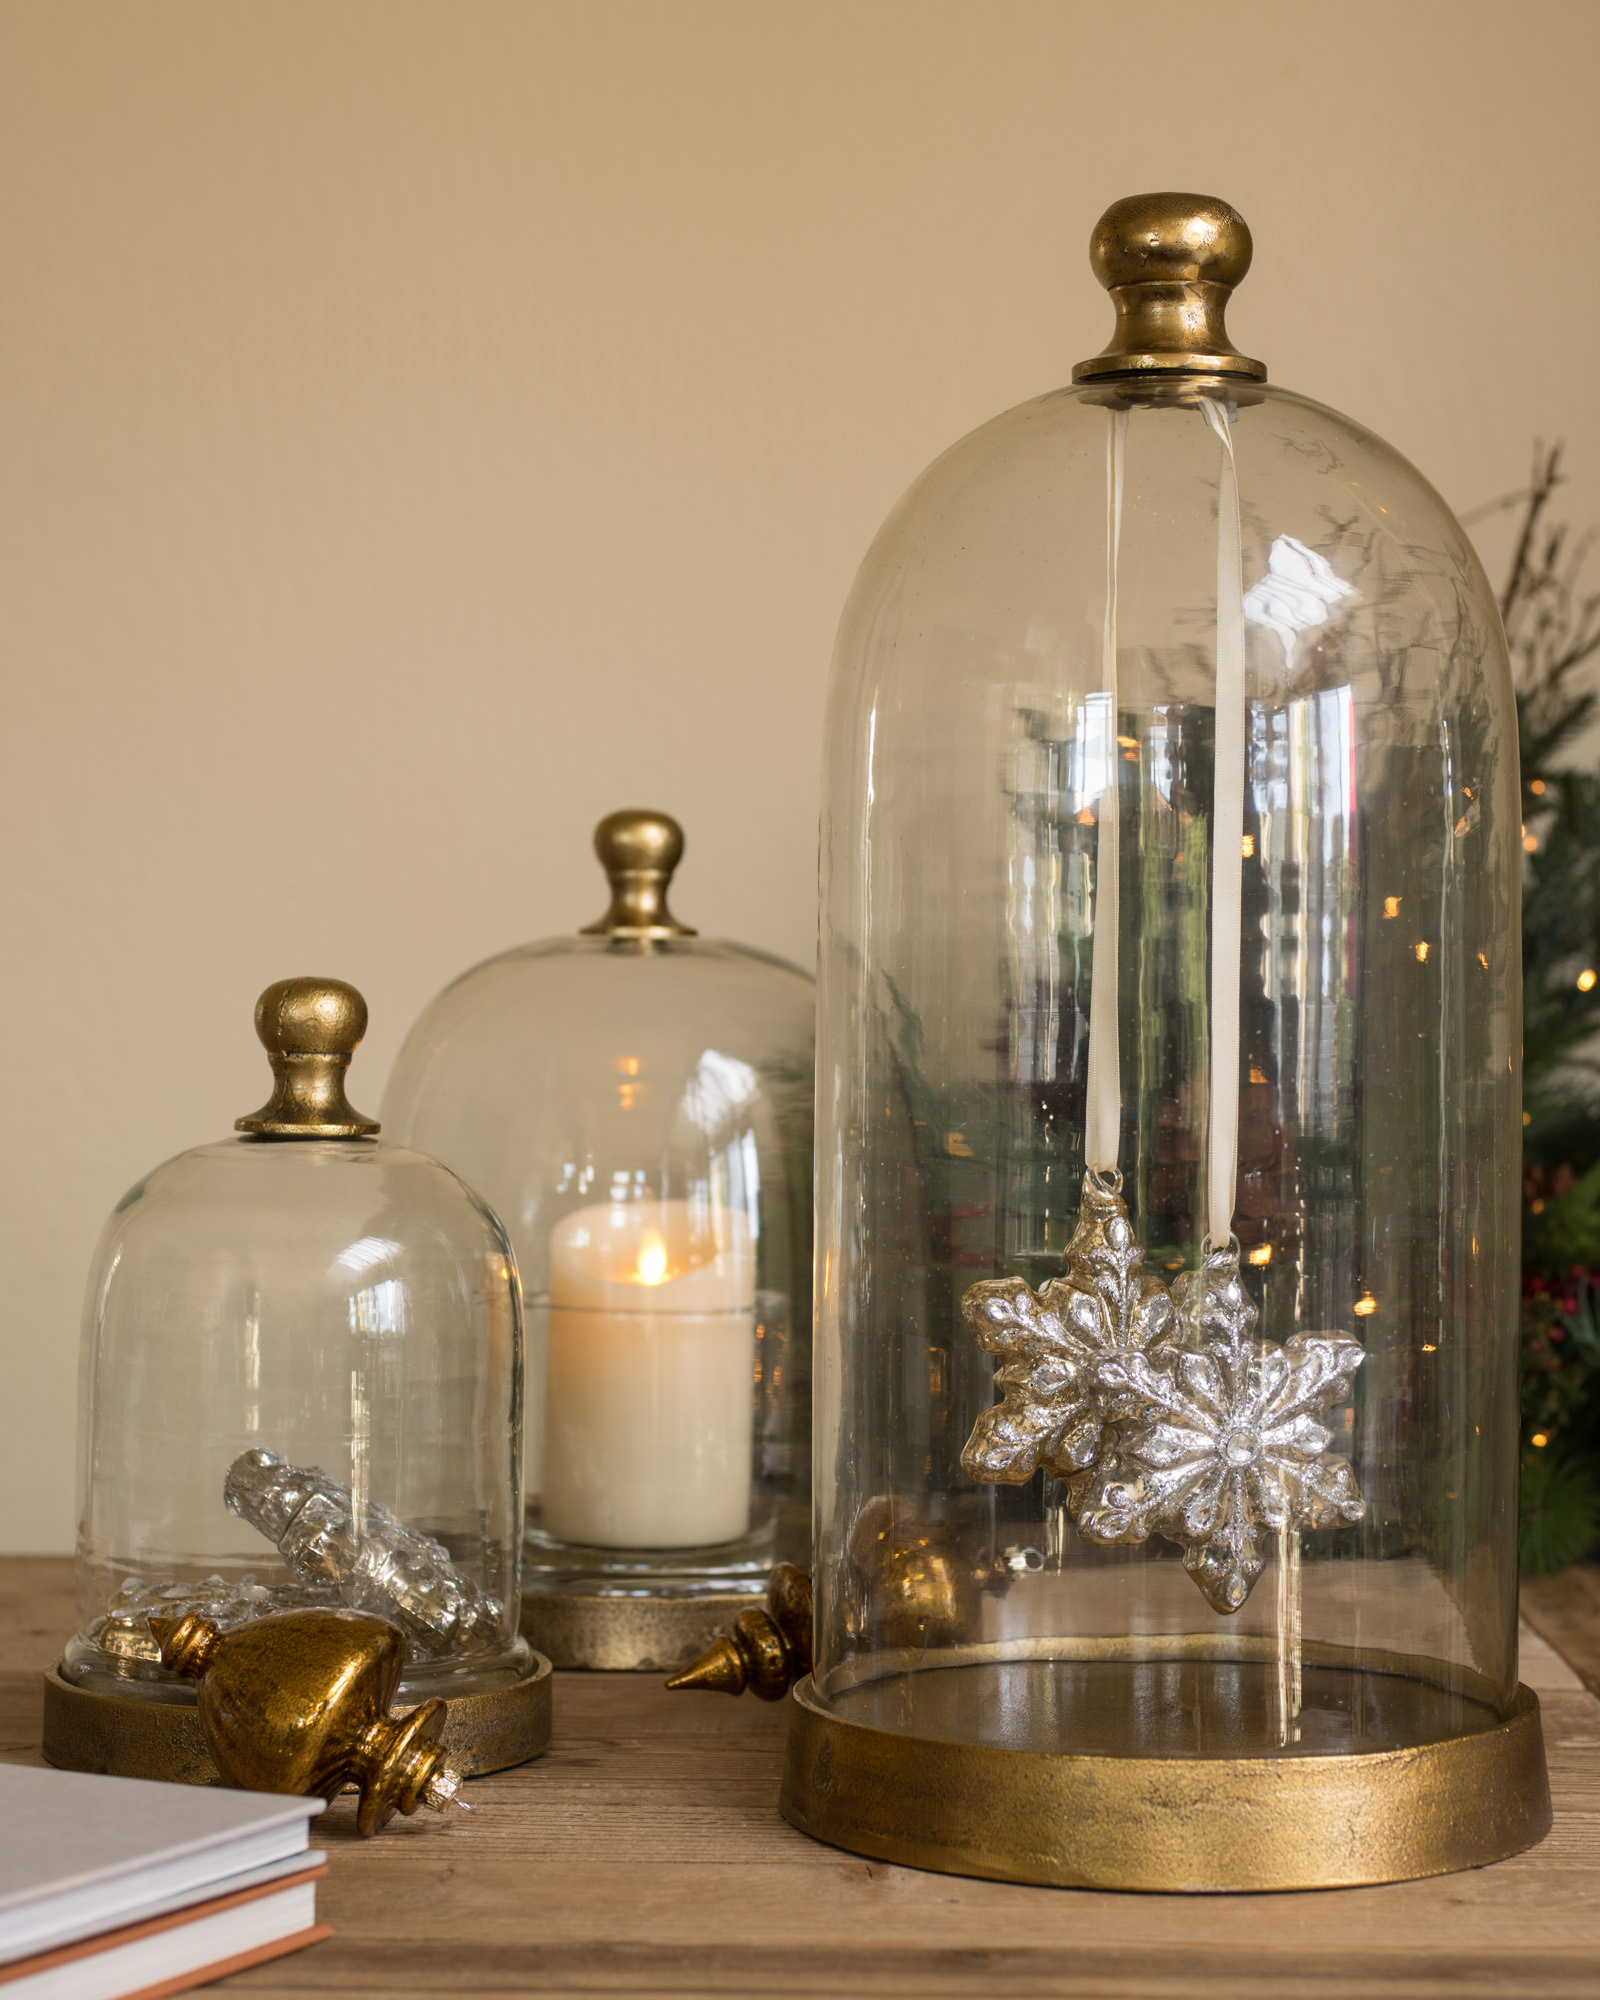 dekoratif-mumluk-cam-vazo-modelleri Eviniz İçin Dekoratif Vazo Modelleri